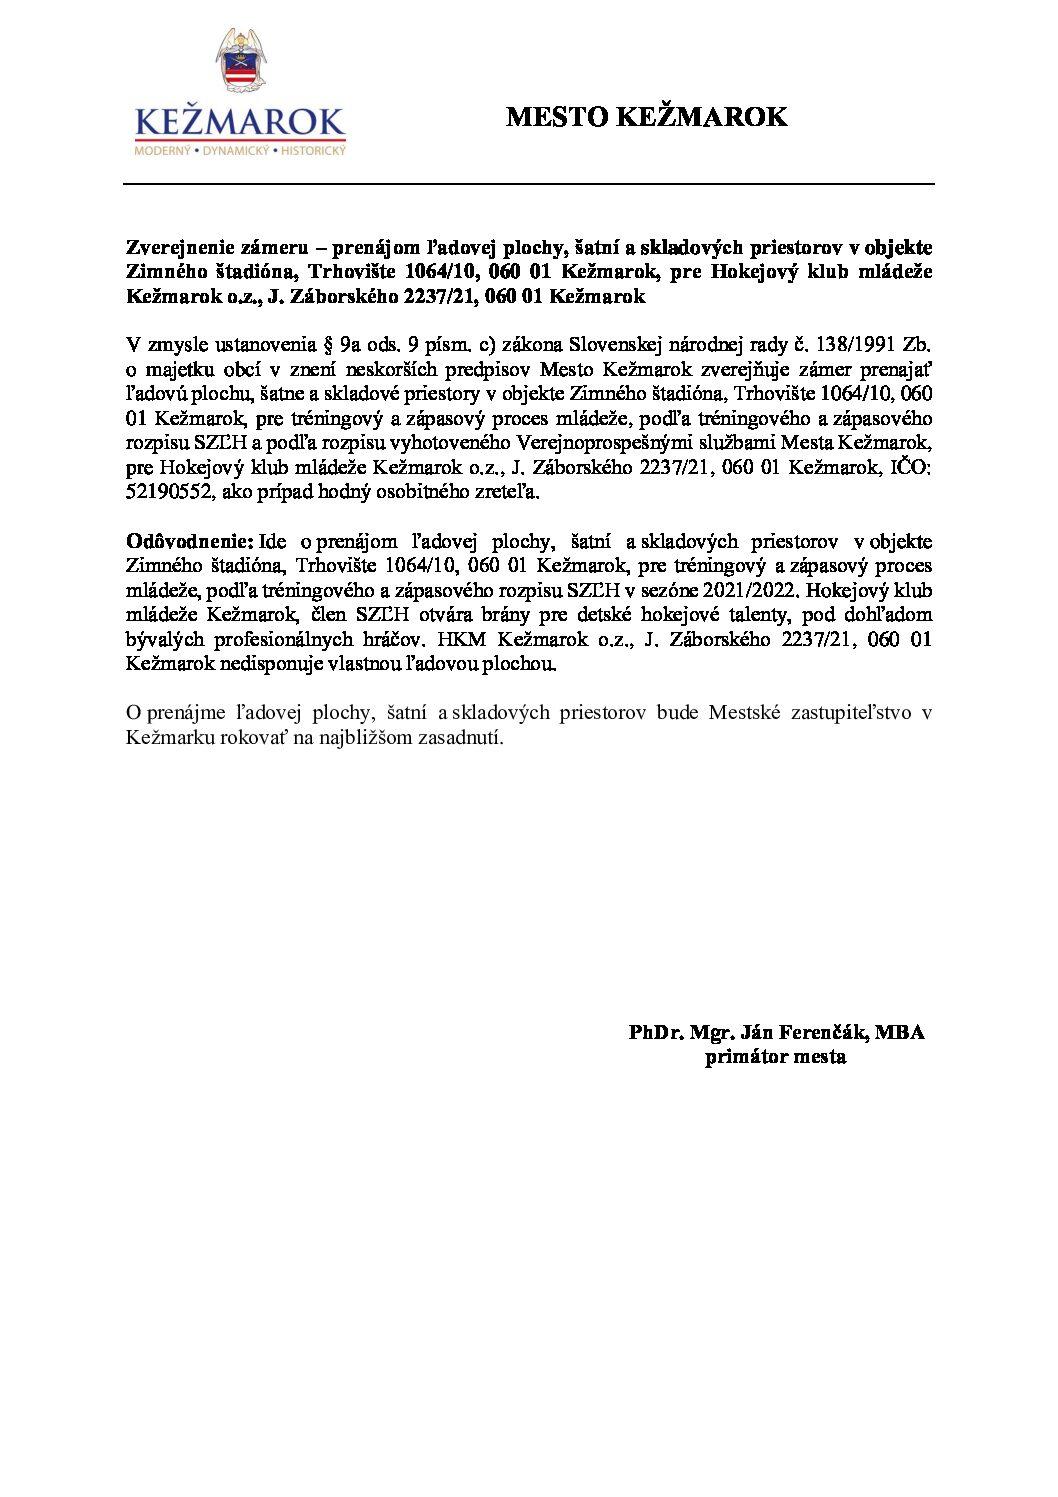 Zverejnenie zámeru - prenájom ľadovej plochy v objekte Zimného štadióna pre HKM